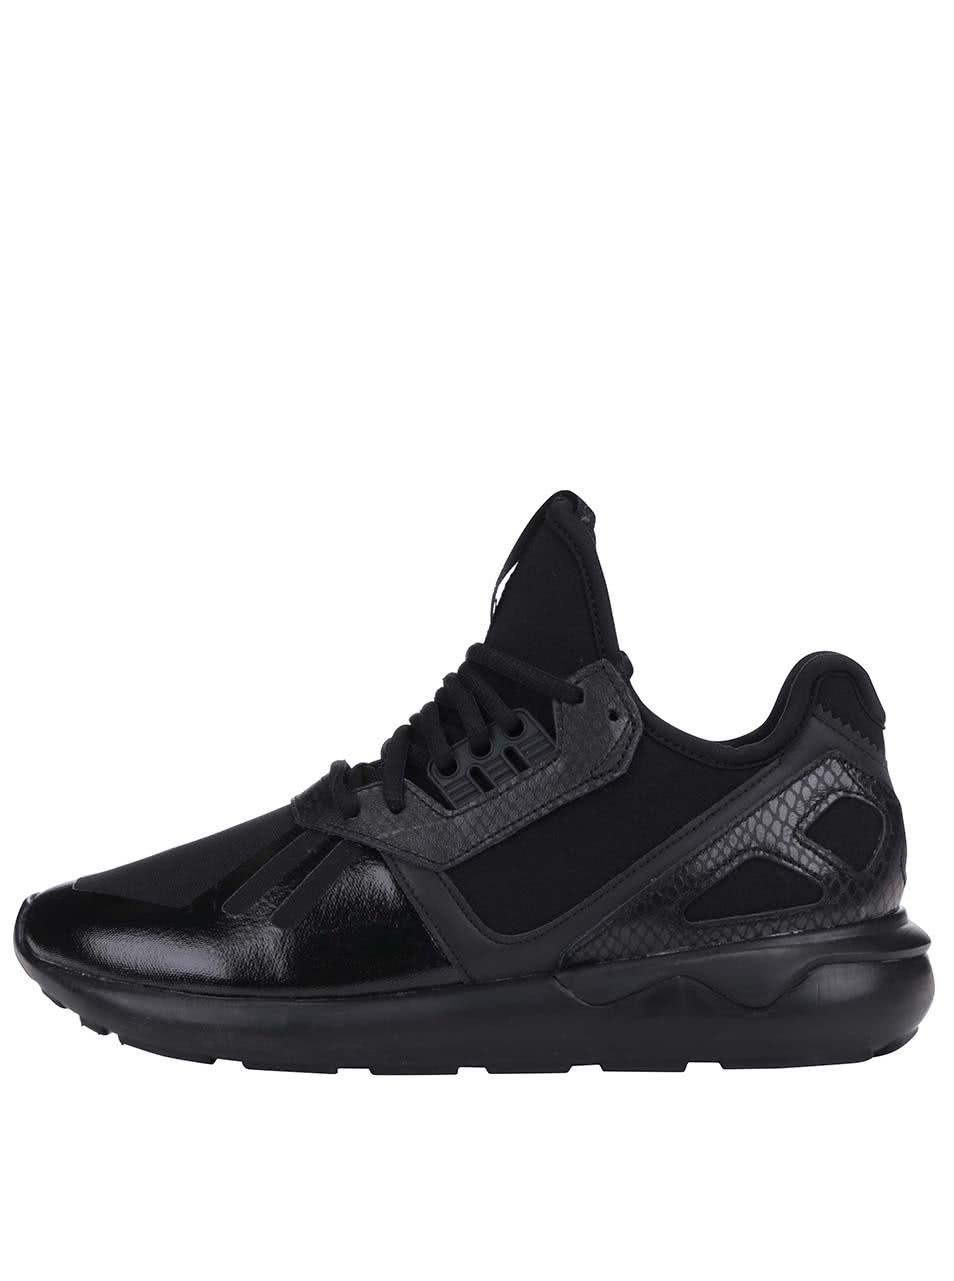 Černé dámské tenisky adidas Originals Tubular Runner W ... 5cab84b25d5